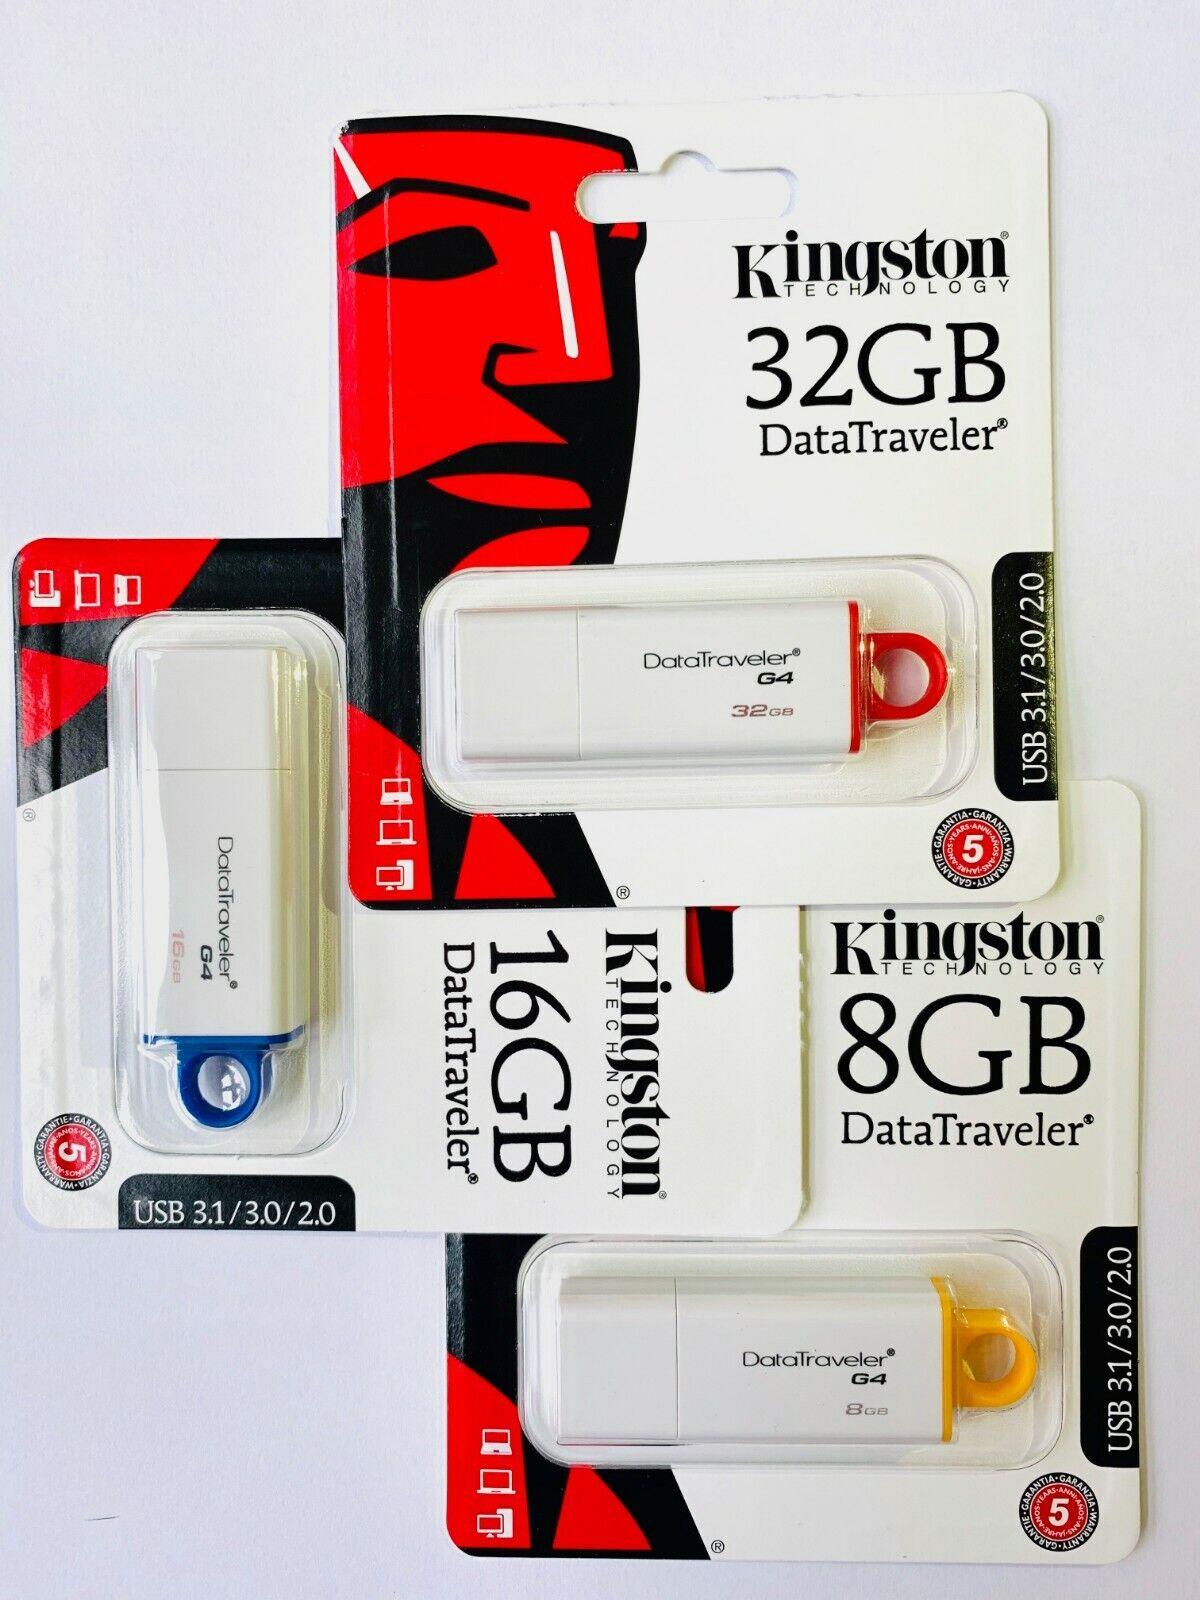 Kingston DTIG4 DataTraveler 8GB 16GB 32GB USB 3.1/3.0/2.0 Fl